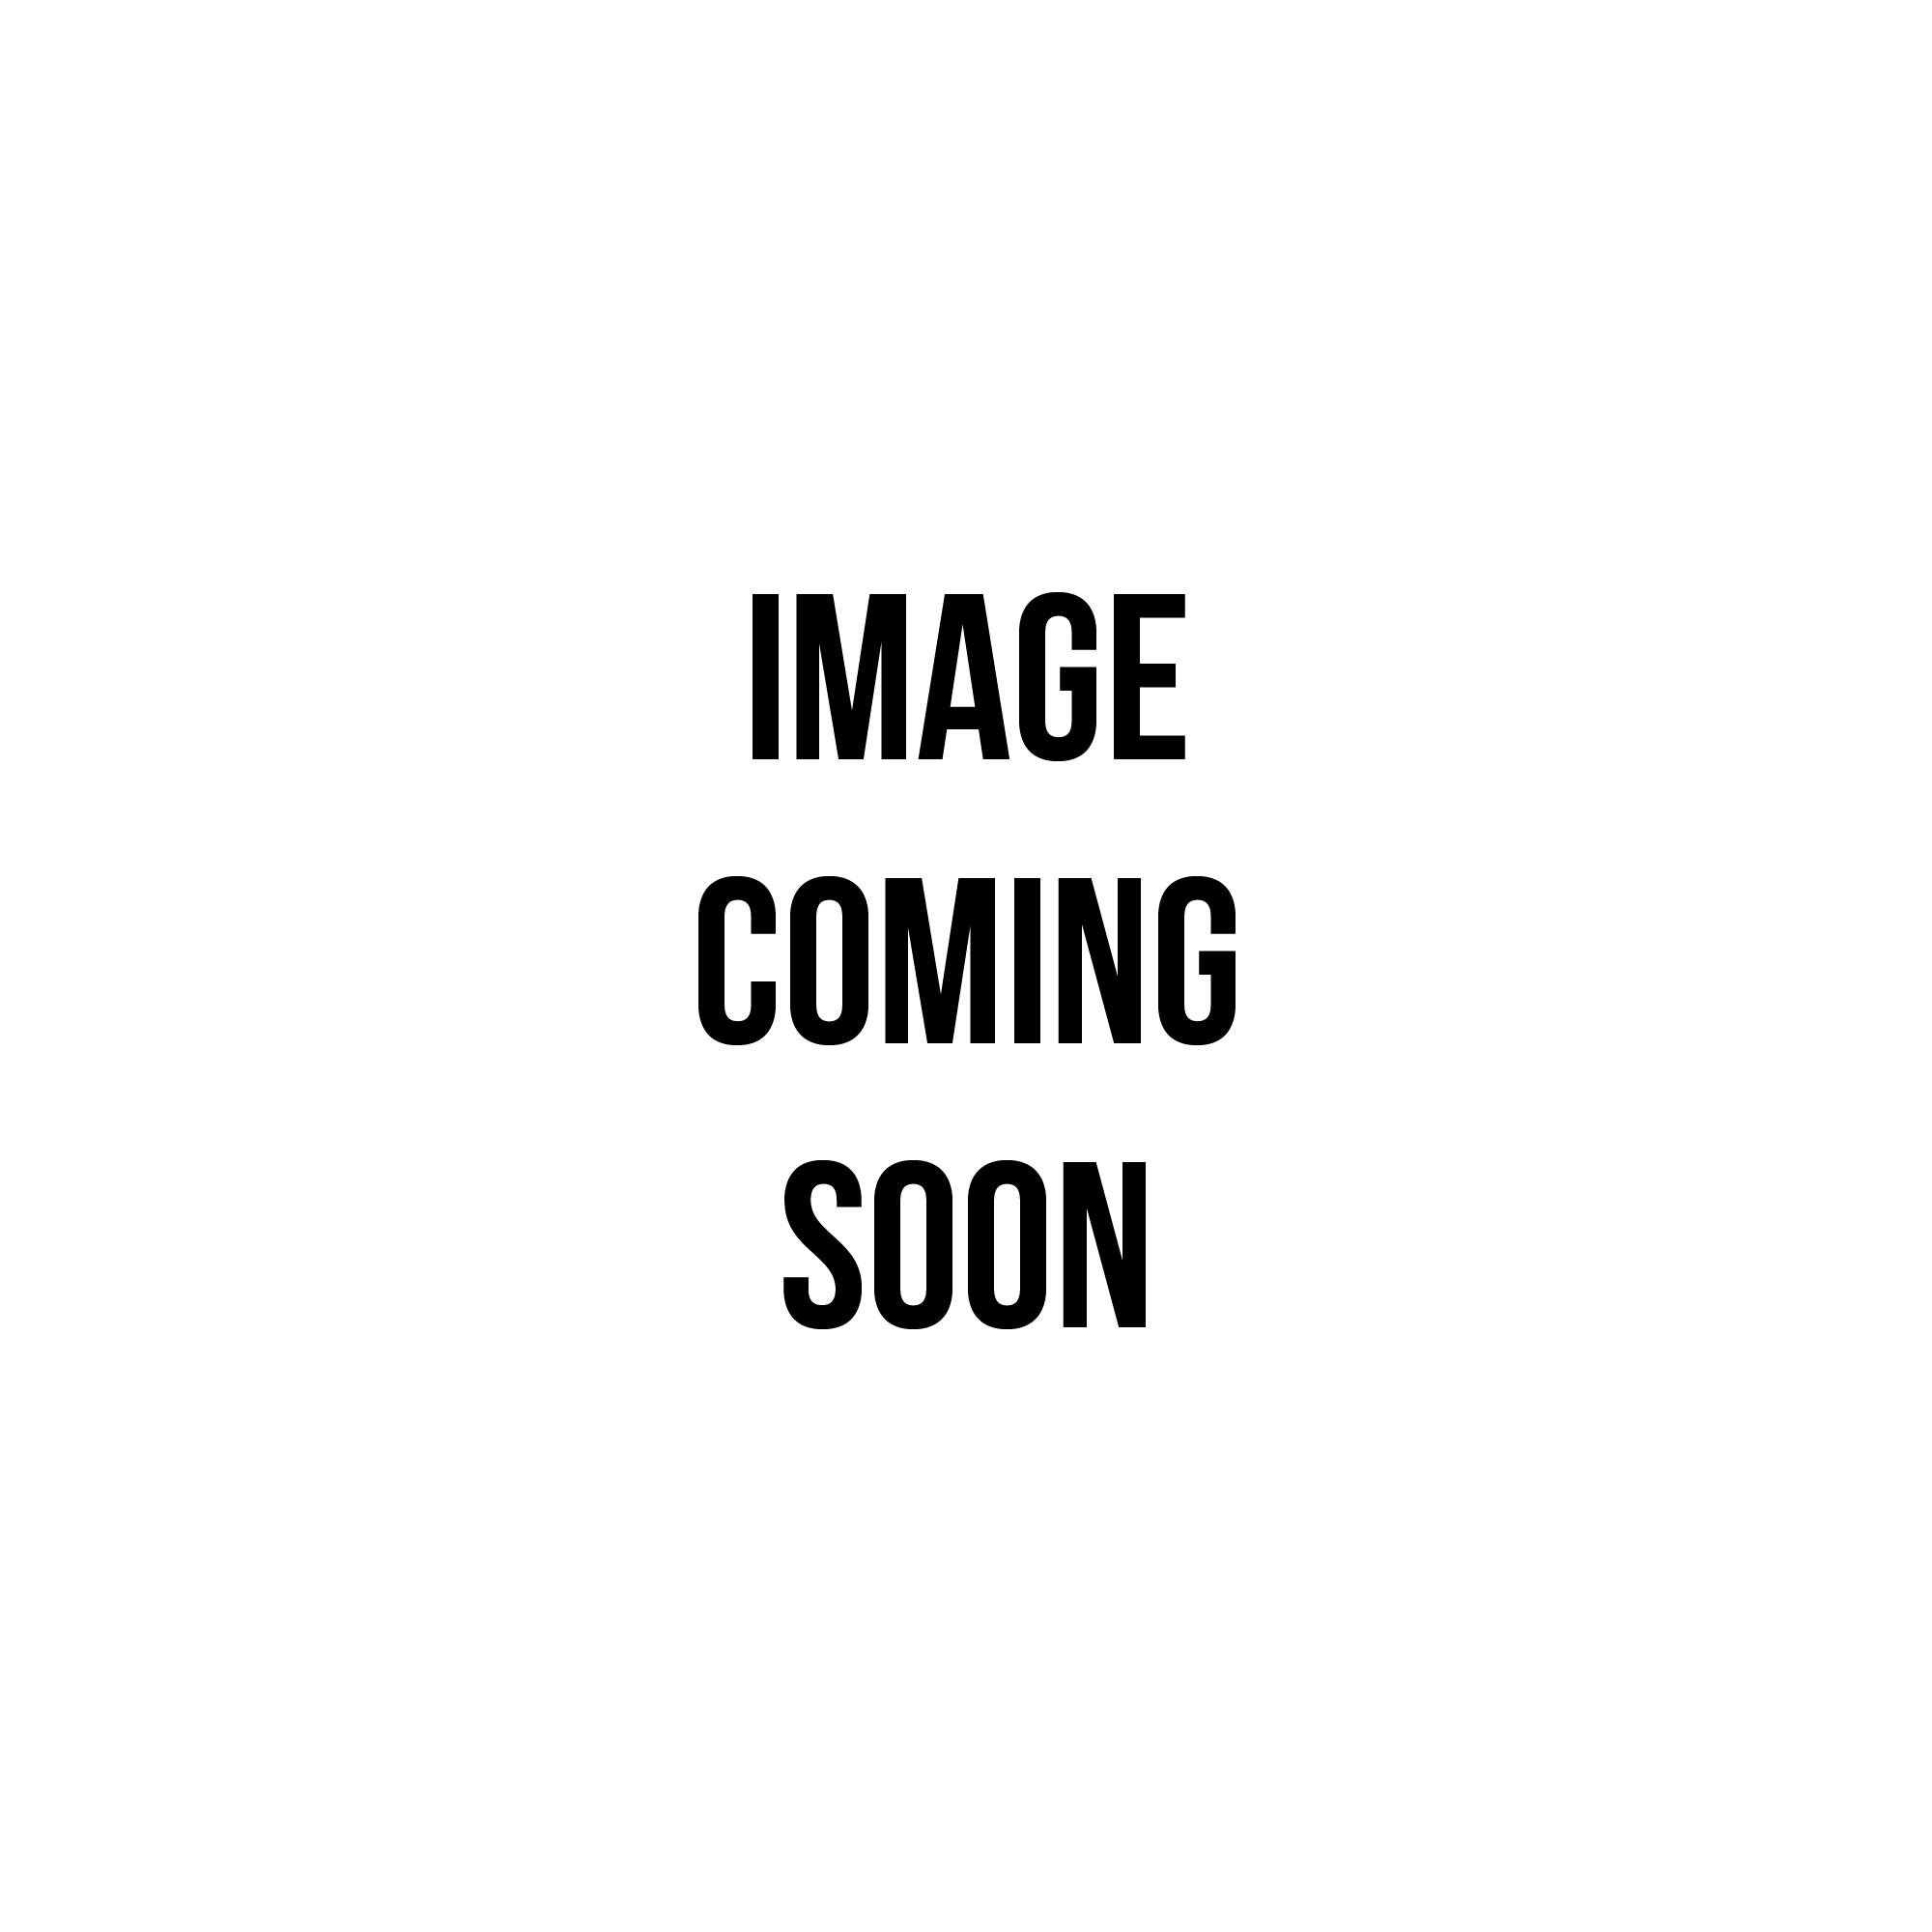 Nike Huarache D'air Femmes Blanches Et Noires paiement visa rabais classique à vendre 2014 en ligne Livraison gratuite Footaction cGN9kx